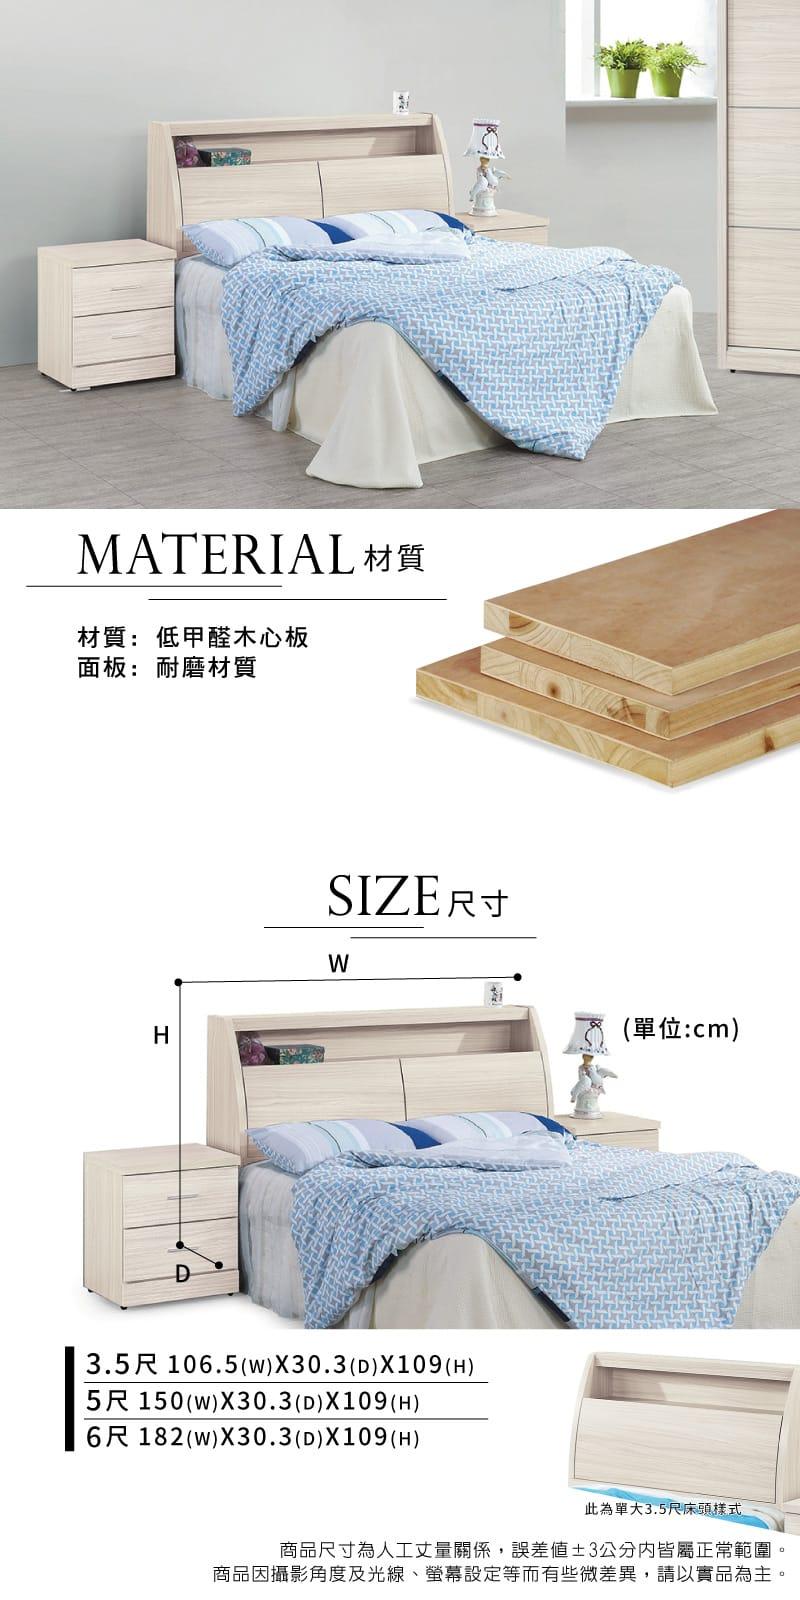 白梣木收納床頭箱 雙人5尺